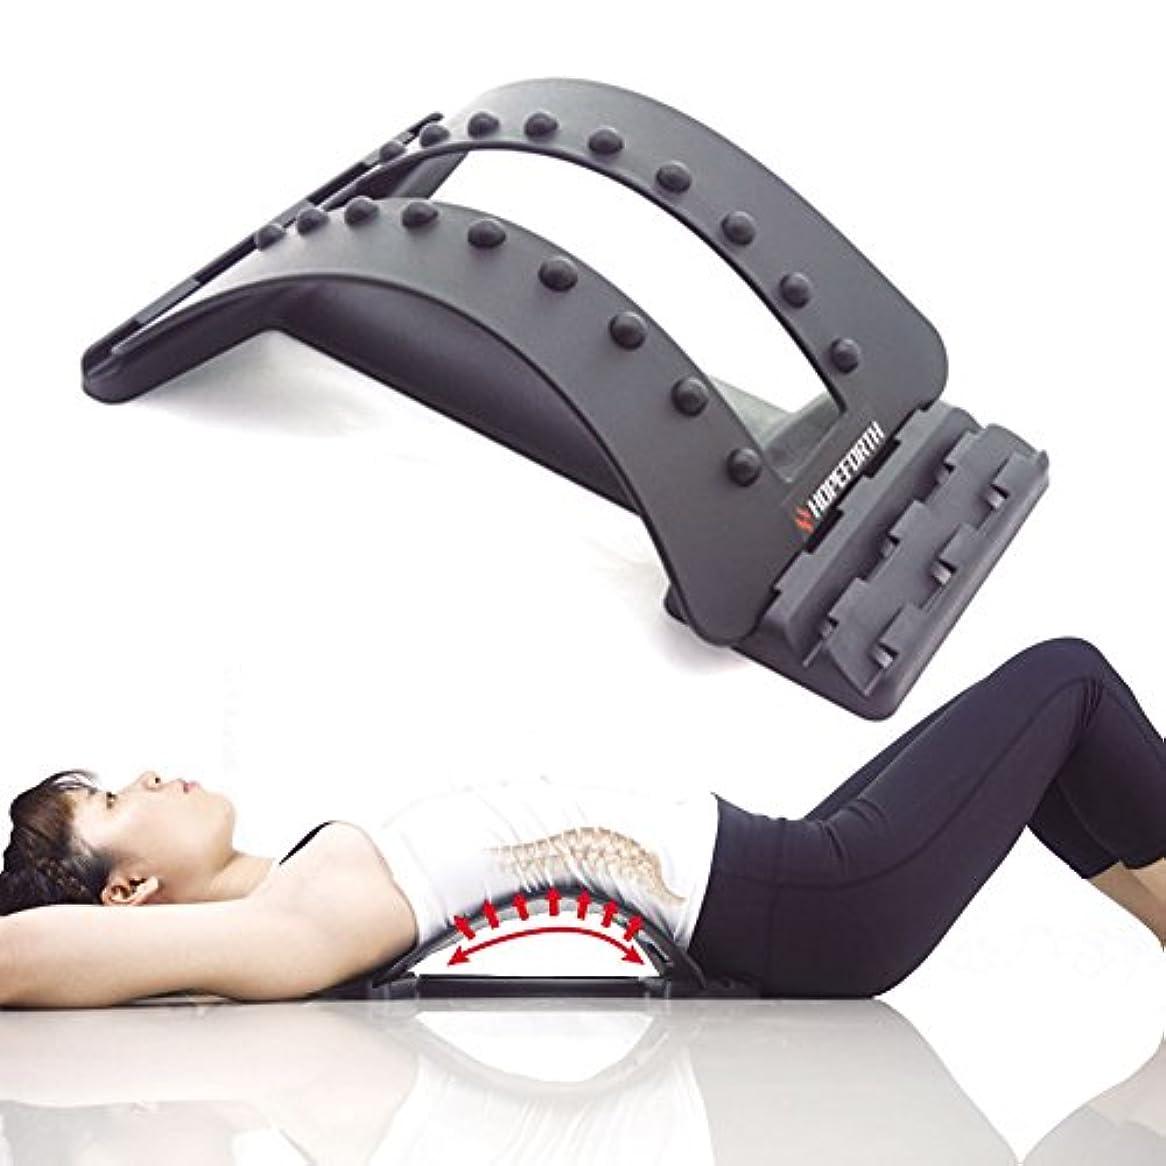 HOPEFORTH バックストレッチャー腰痛 肩こり 猫背 解消 ストレッチ 三段階調節可能 デスクワーク 健康用品